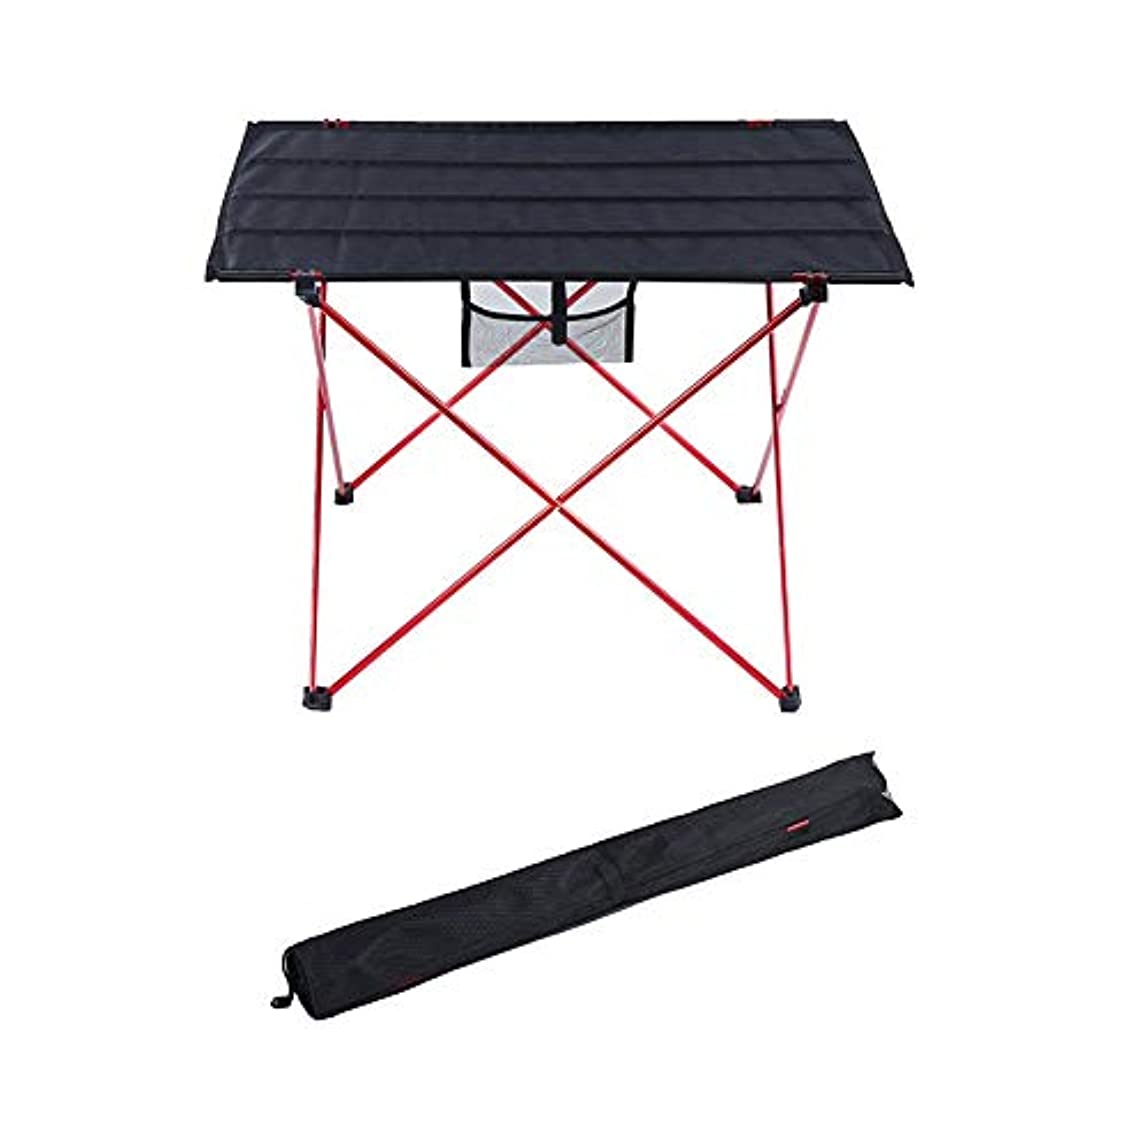 もっと溶かす有力者折りたたみ キャンプ用テーブル ポータブル 軽量 ピクニック 表 にとって ハイキング 釣り バーベキュー と ポータブル キャリーバッグ